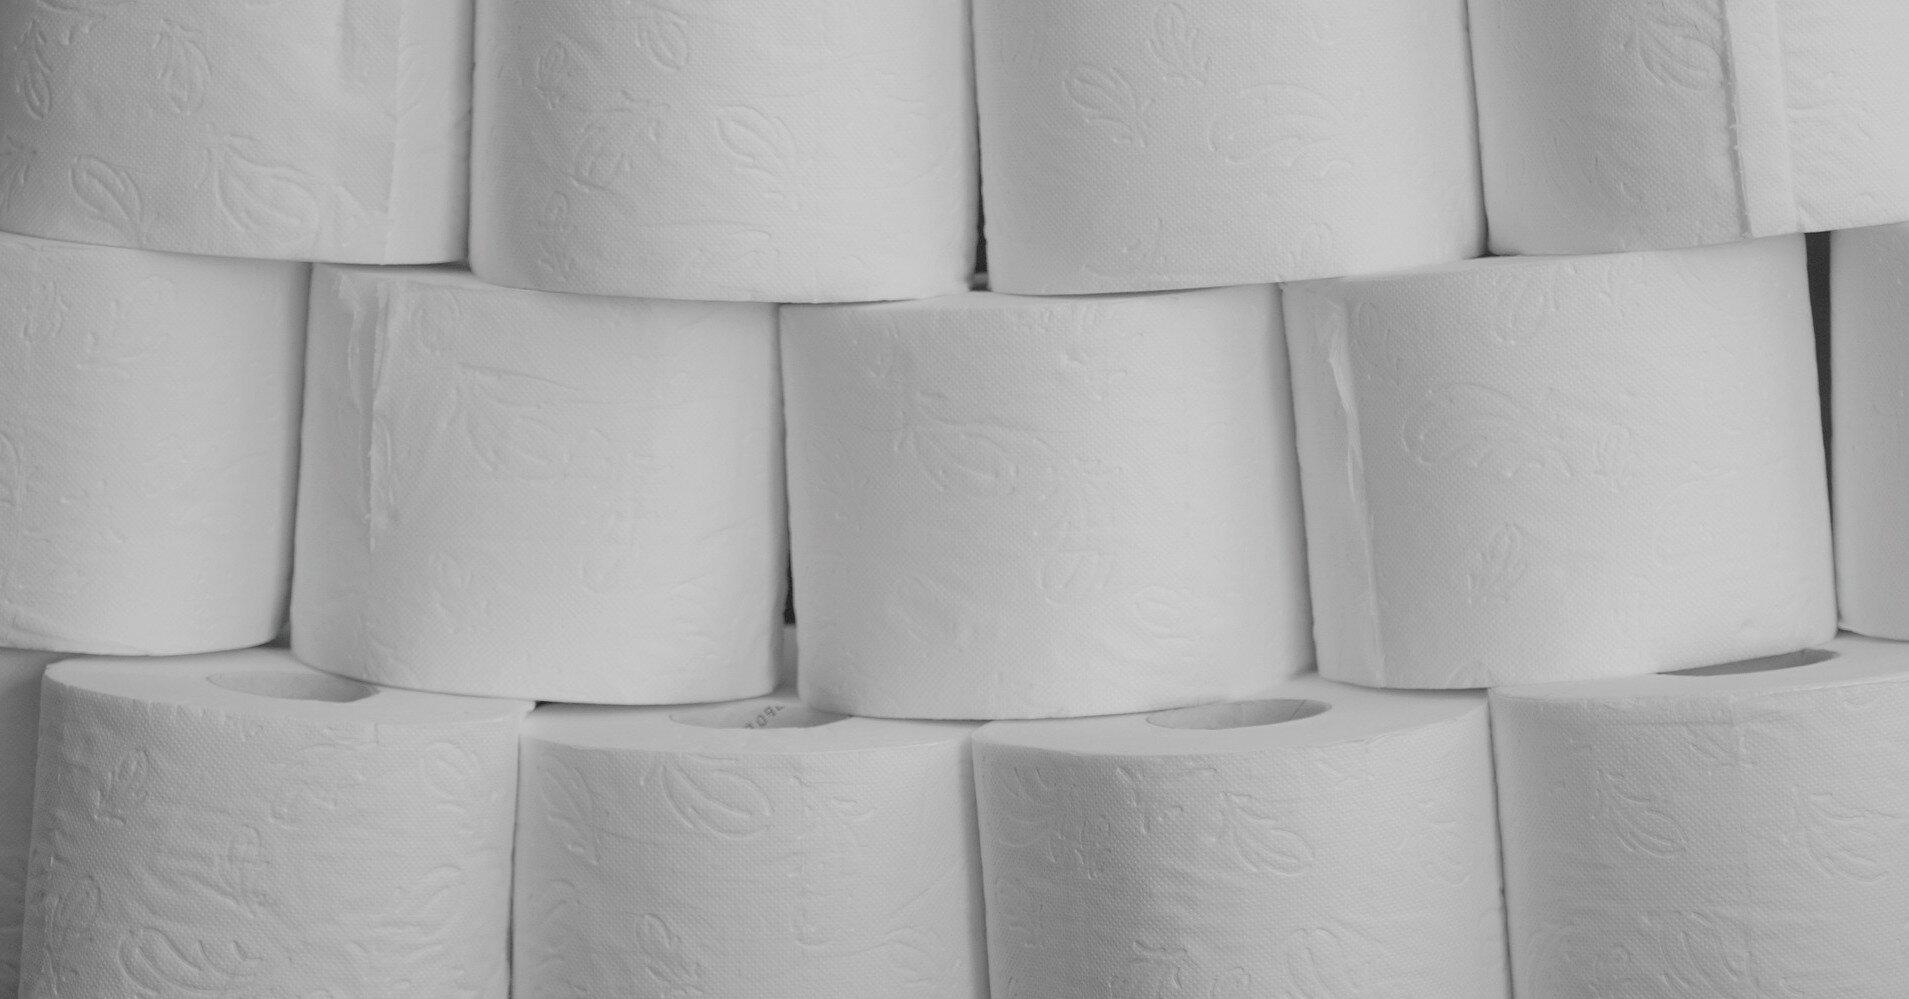 В России тиктокер умер во время кувырка на туалетной бумаге